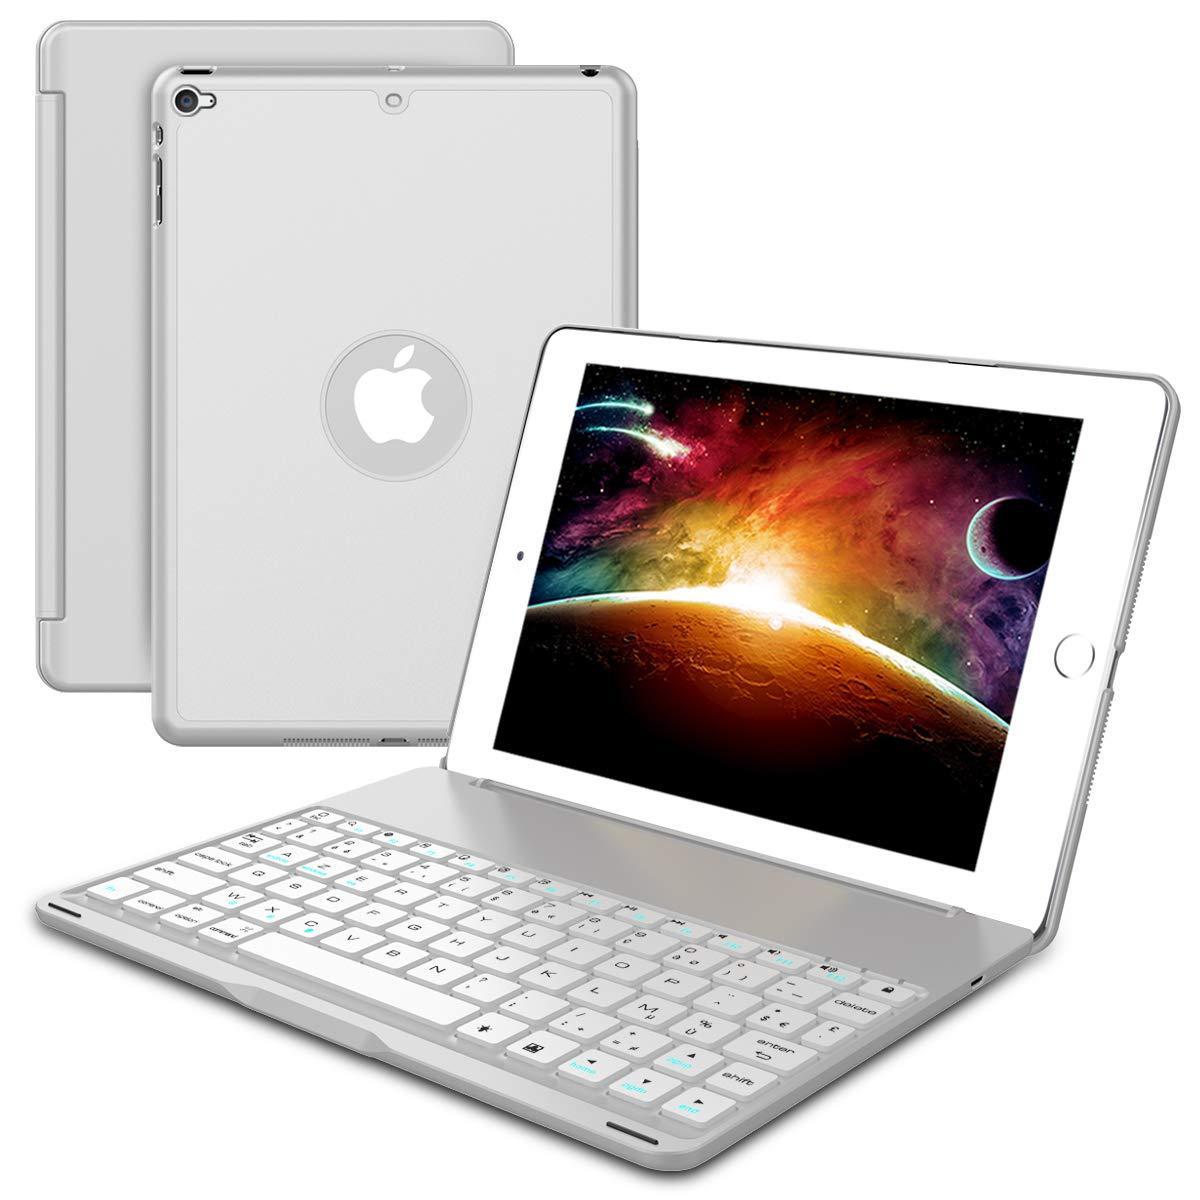 【おしゃれ】 iPad iPad 皮膚 Mini 4 シェル, iPad Mini 4 シェル カバー, MeetJP バンパー 携帯電話ケース 携帯電話ケース シェル [ スリム 合う ] 保護 皮膚 カバー の iPad Mini 4 (Silver) Silver B07L3TLZ7C, O.L.D. オーエルディー:d656137b --- a0267596.xsph.ru